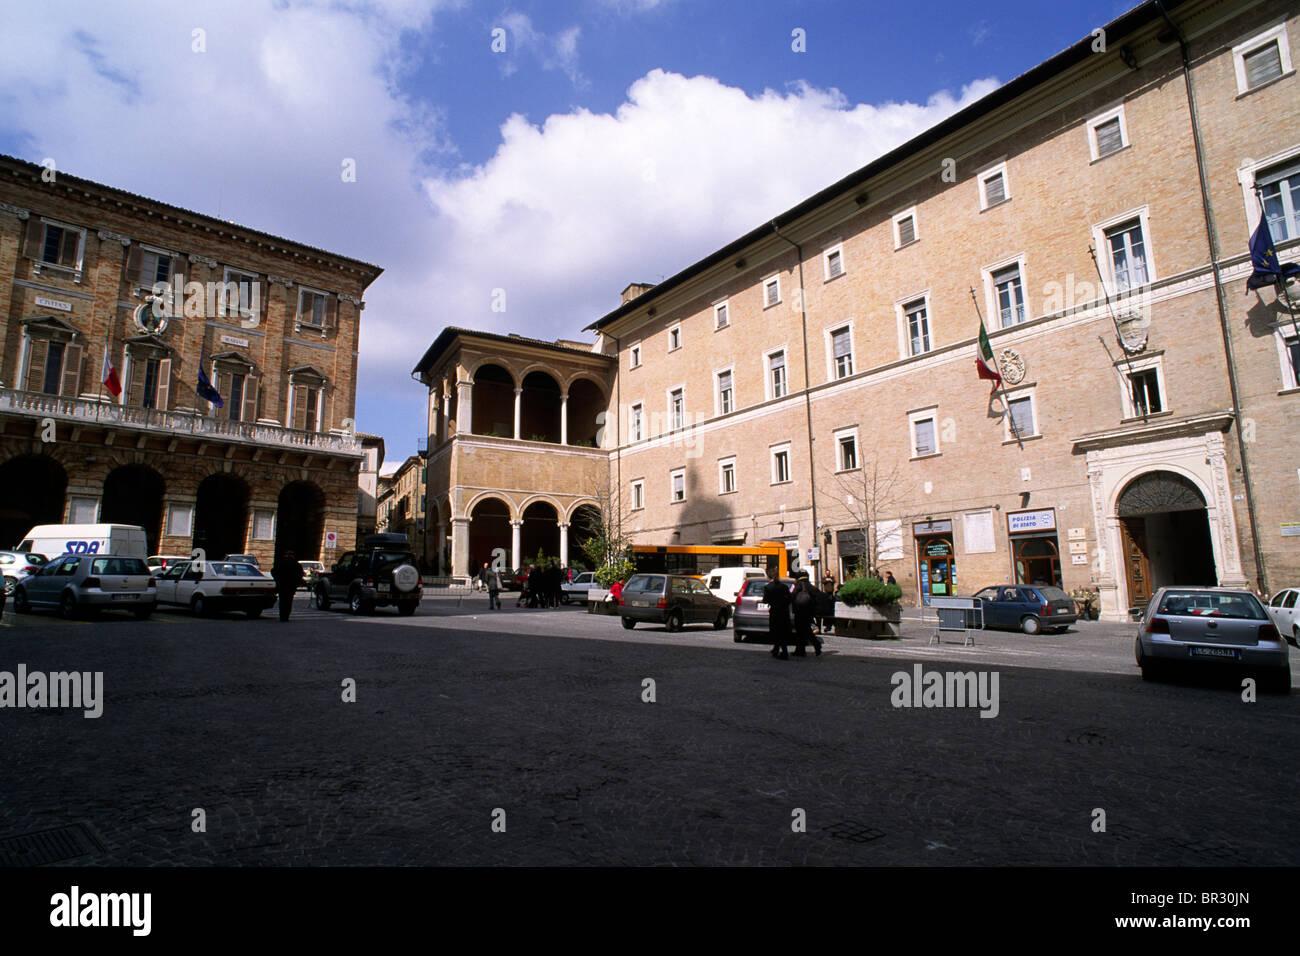 copagri marche macerata italy - photo#5